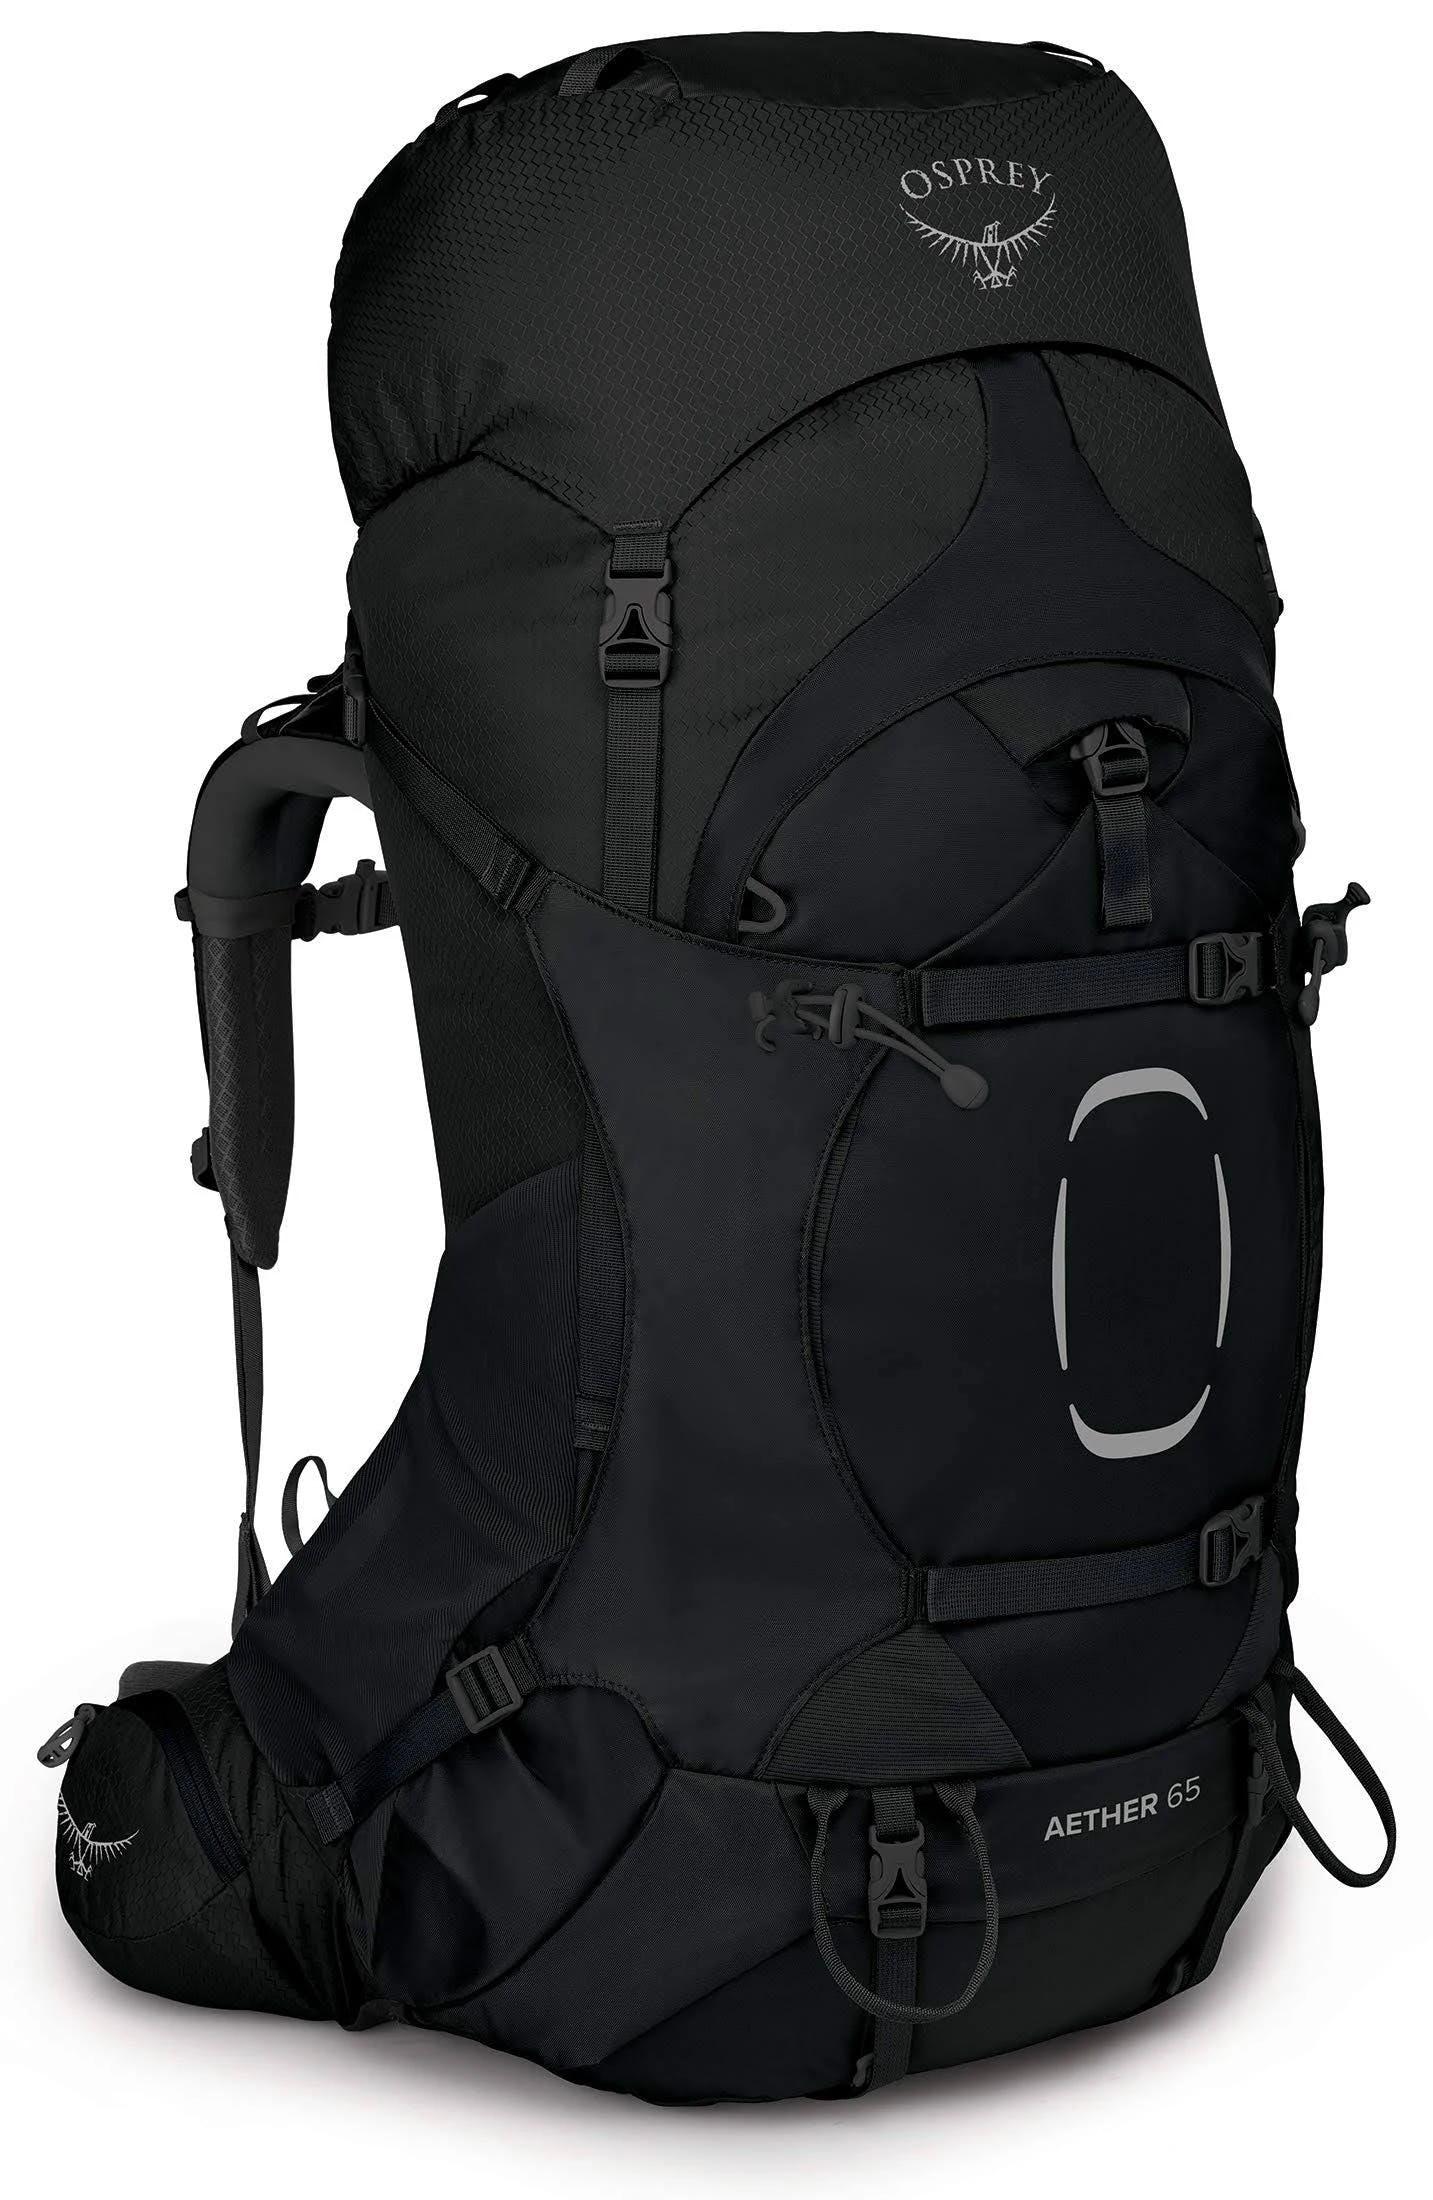 Osprey Aether 65 Backpack